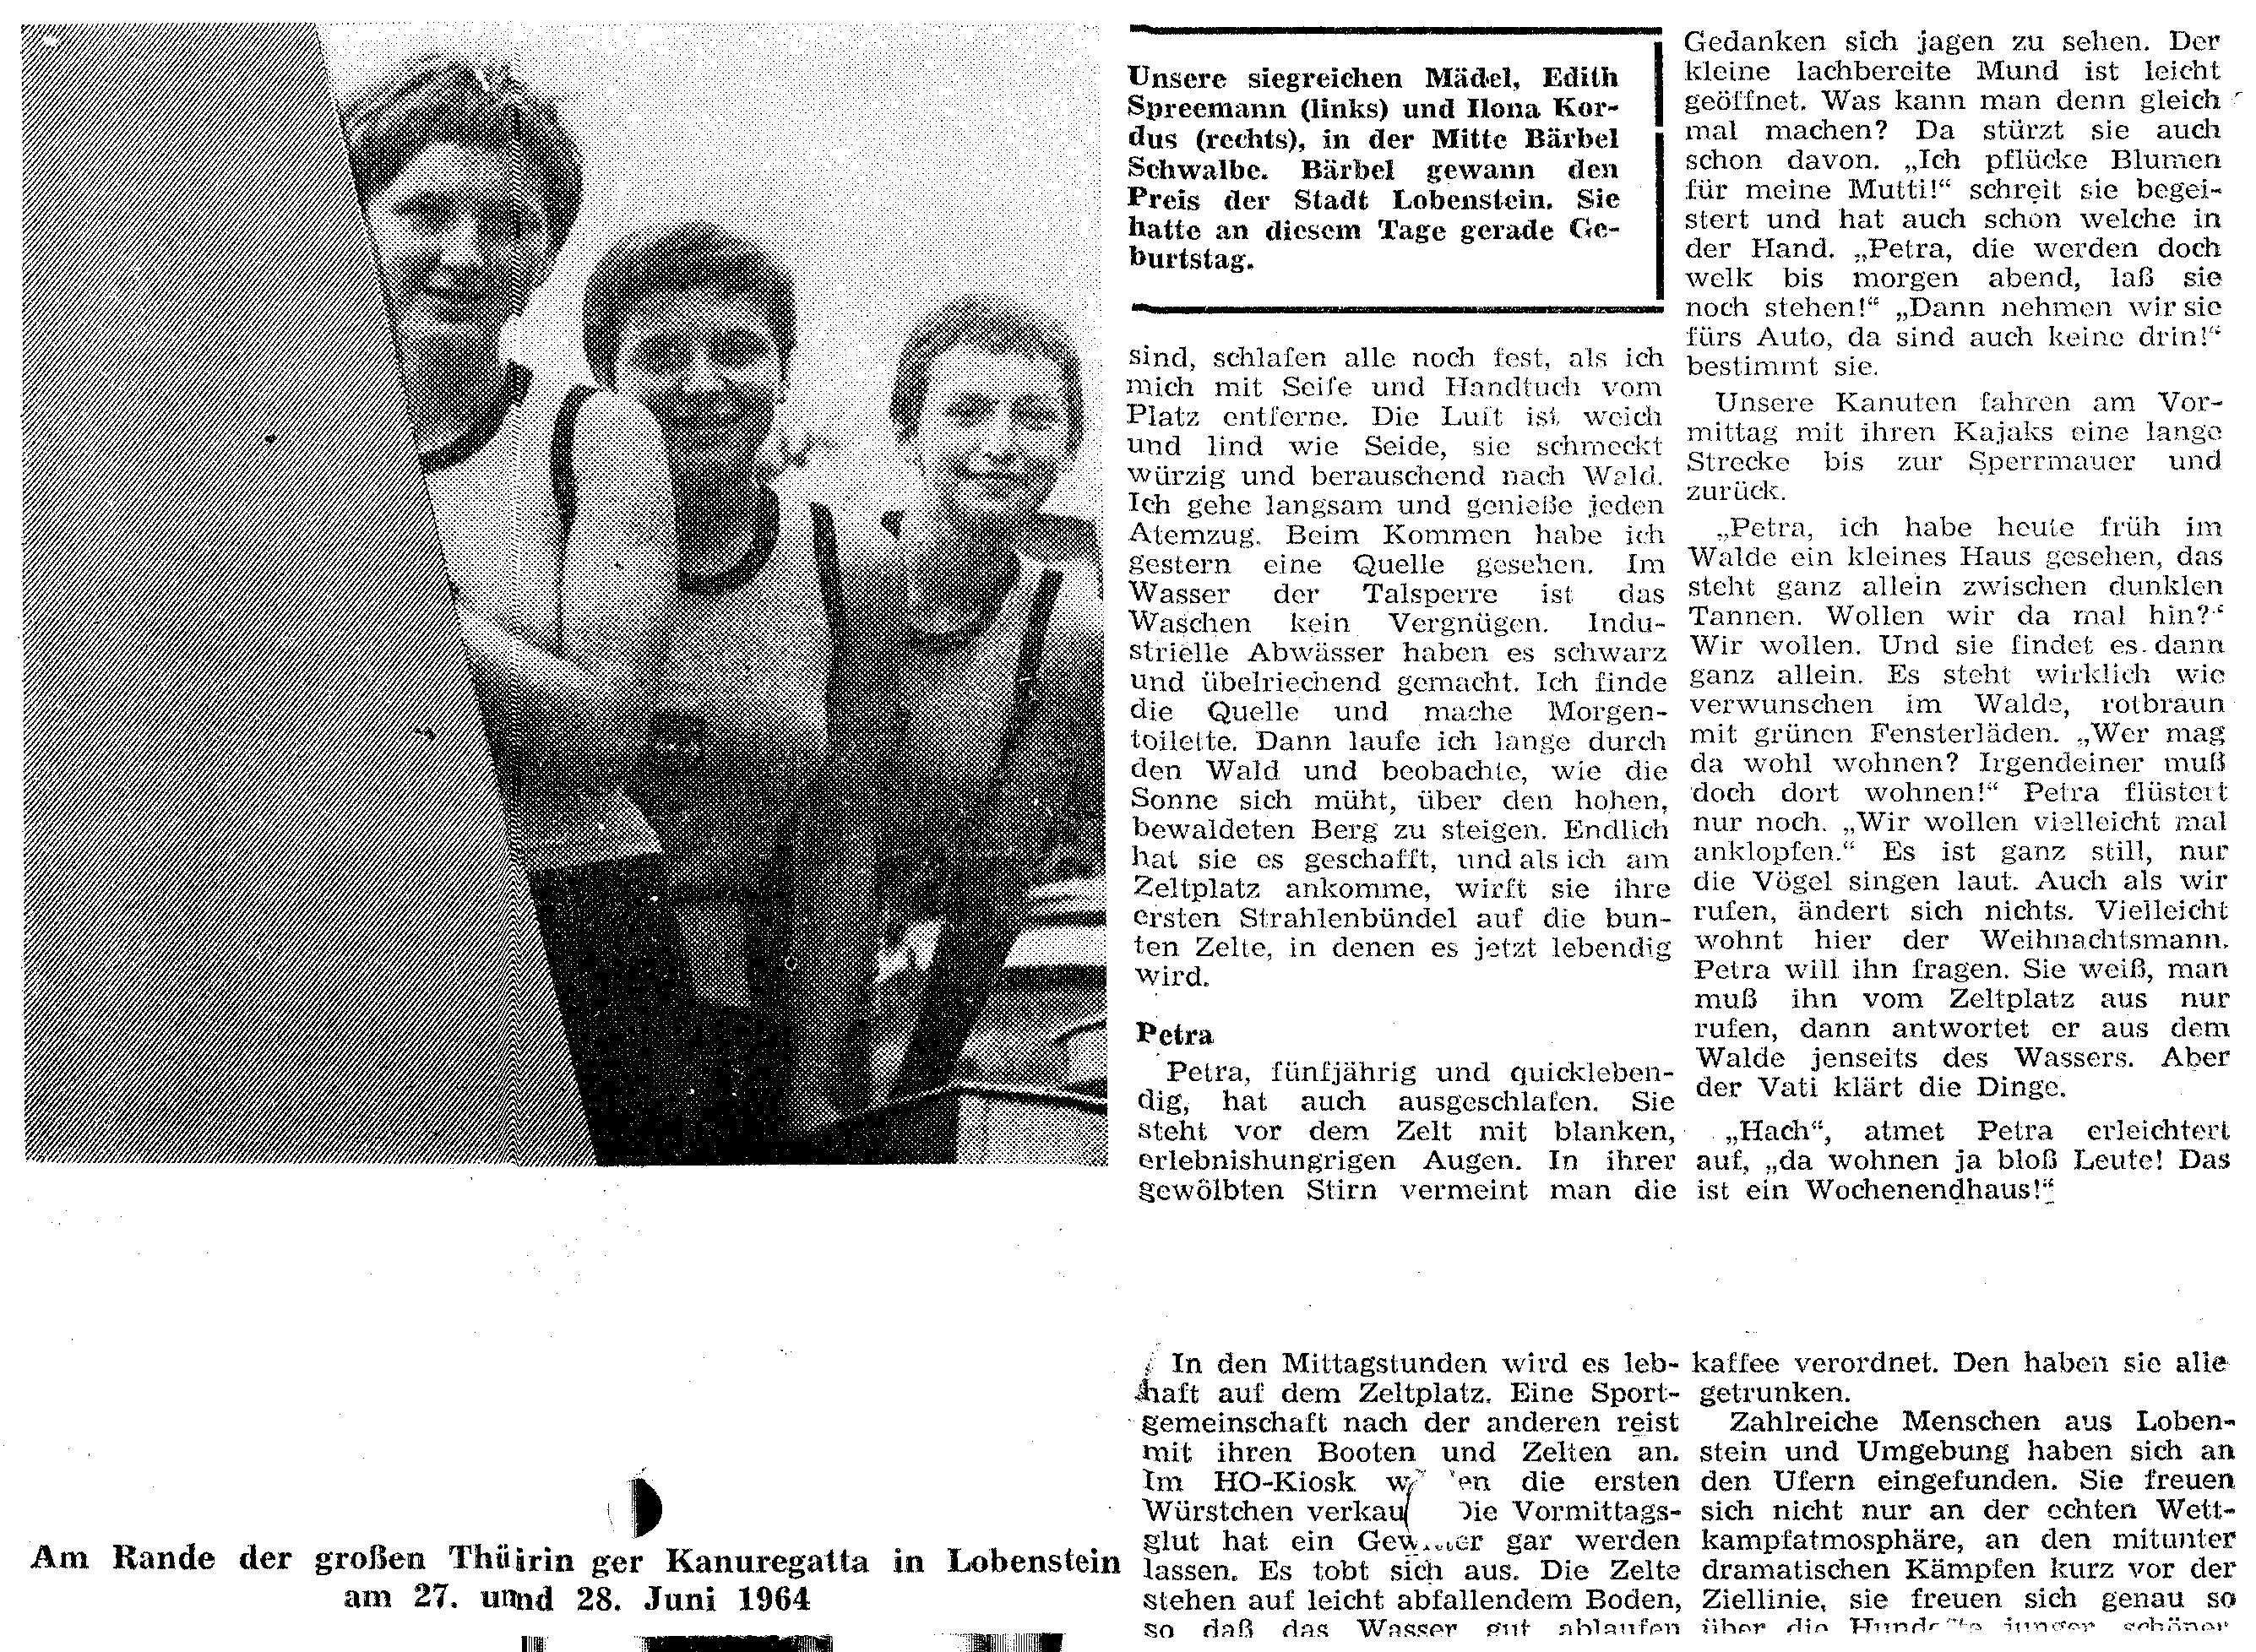 1964 am Rande der Thüringer regatta